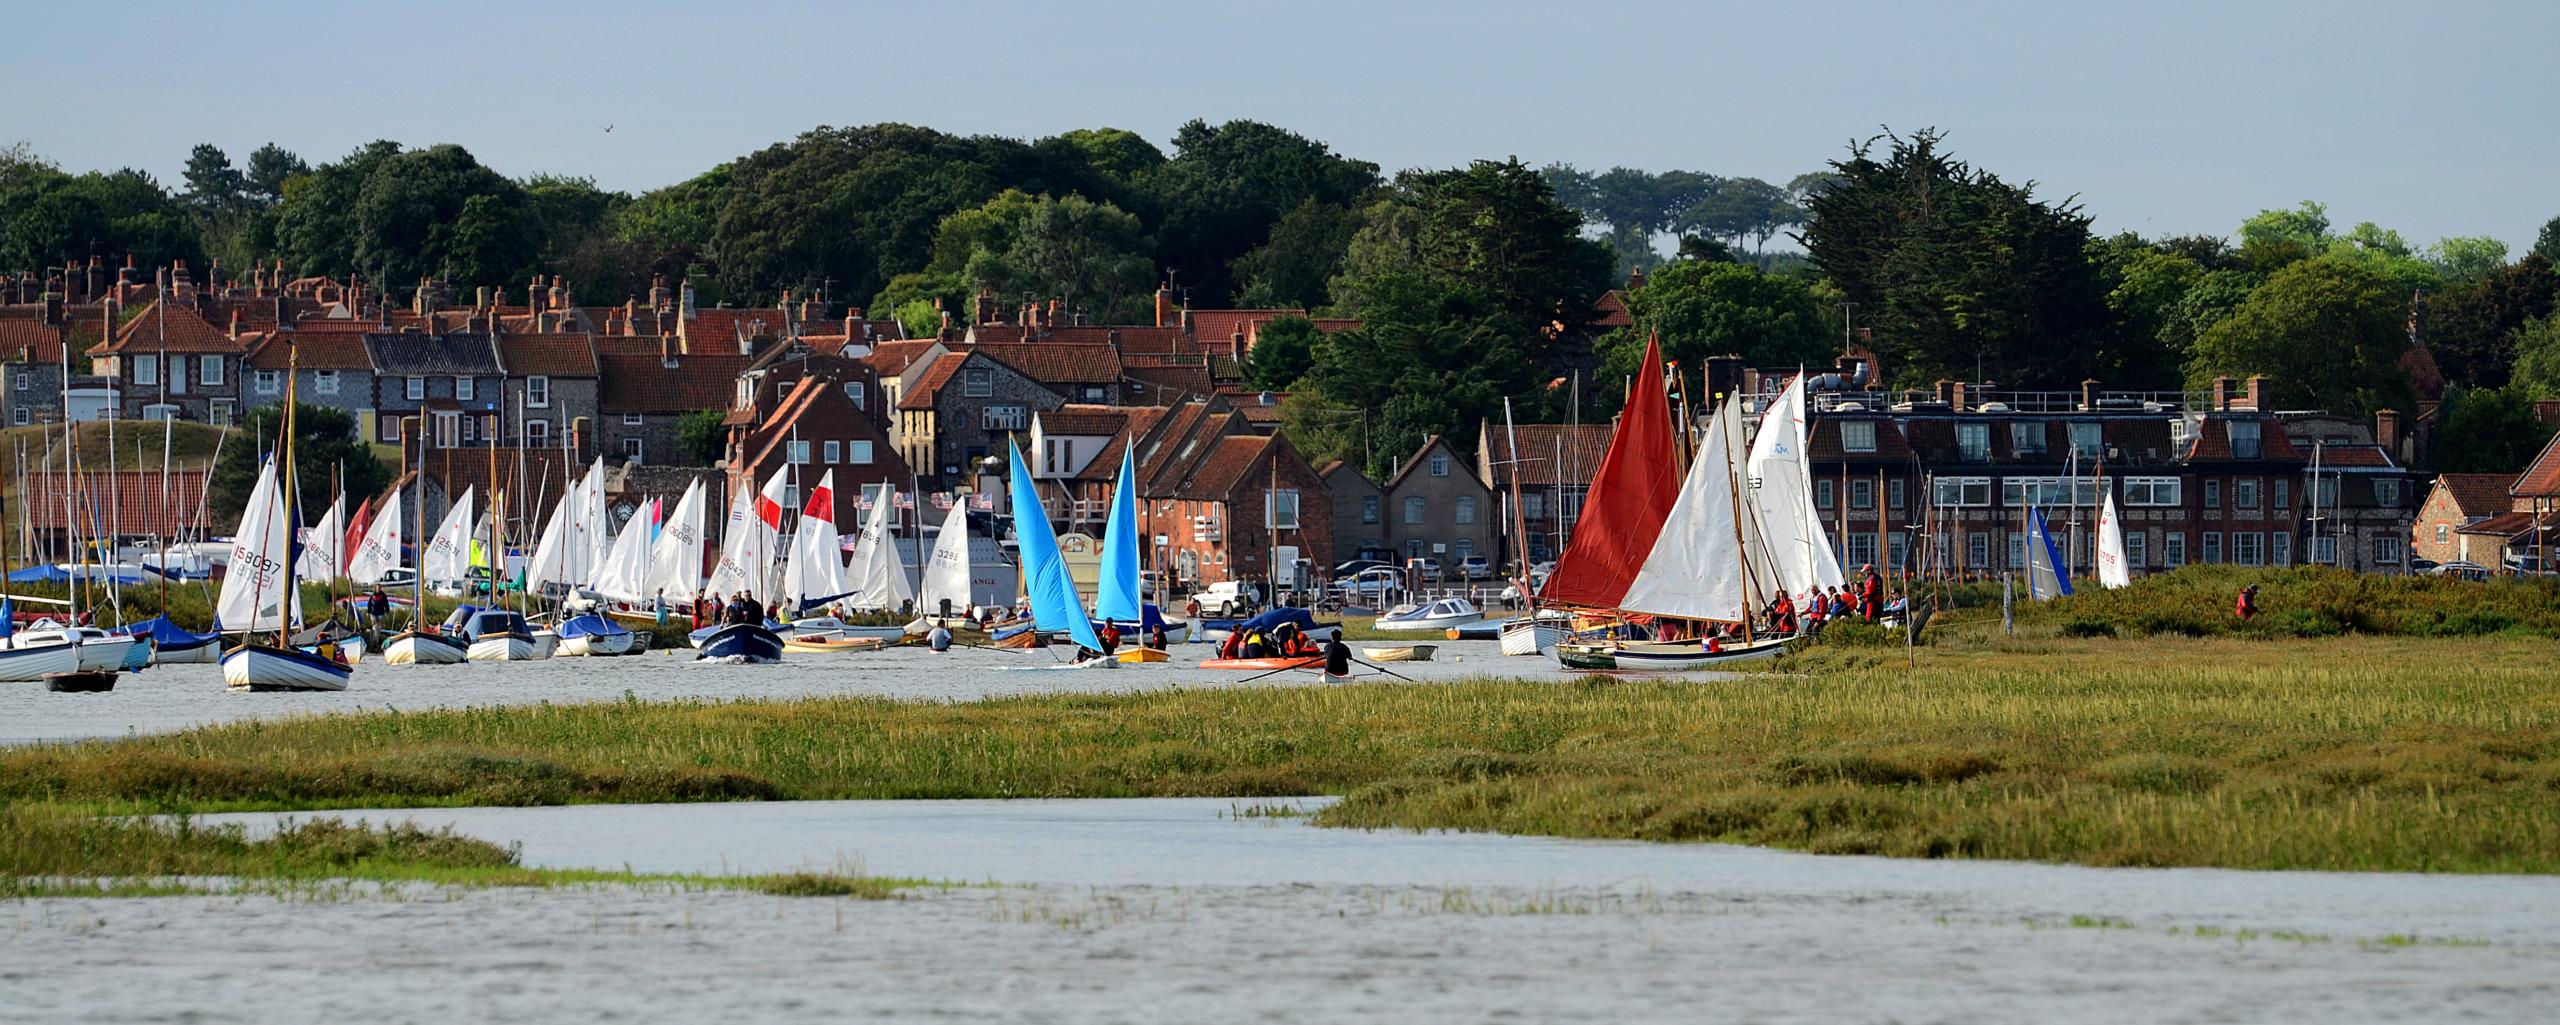 Sailing Boats at Blakeney Quay